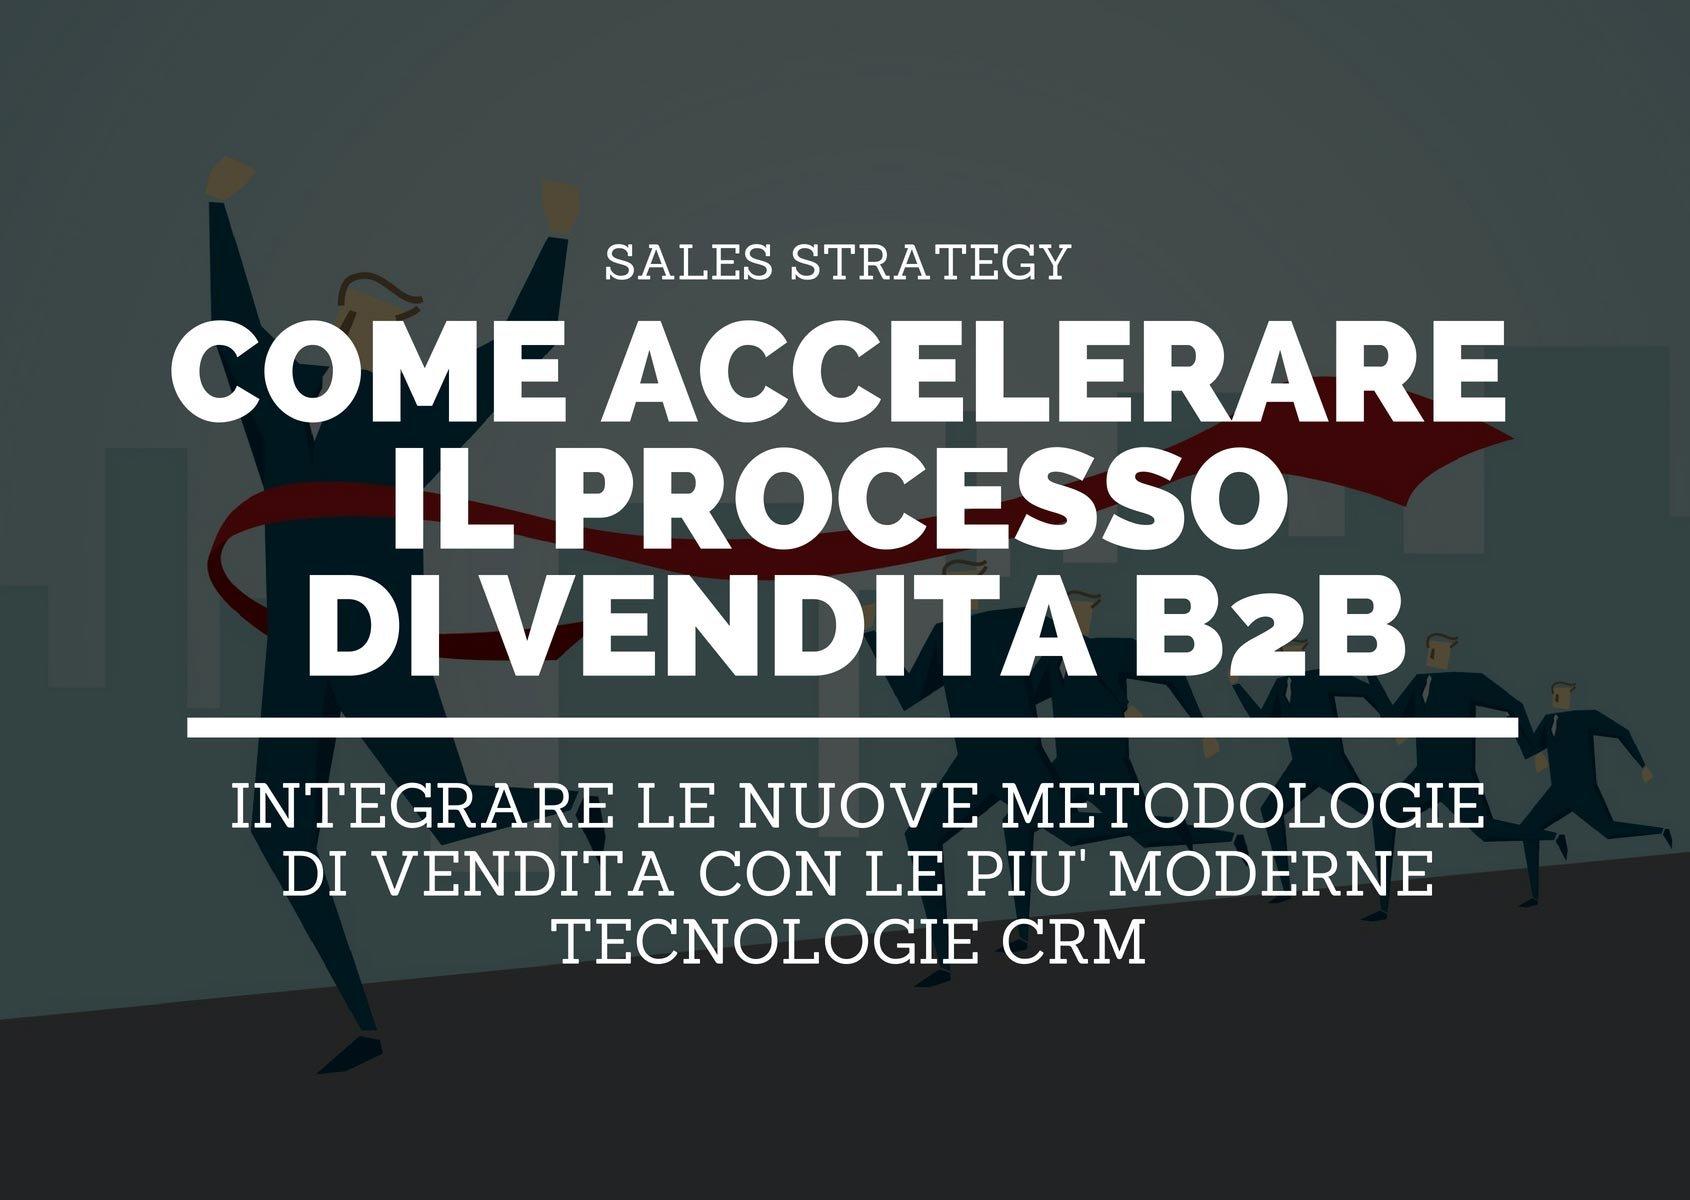 Come accelerare il processo di vendita B2B con l'integrazione di un moderno CRM